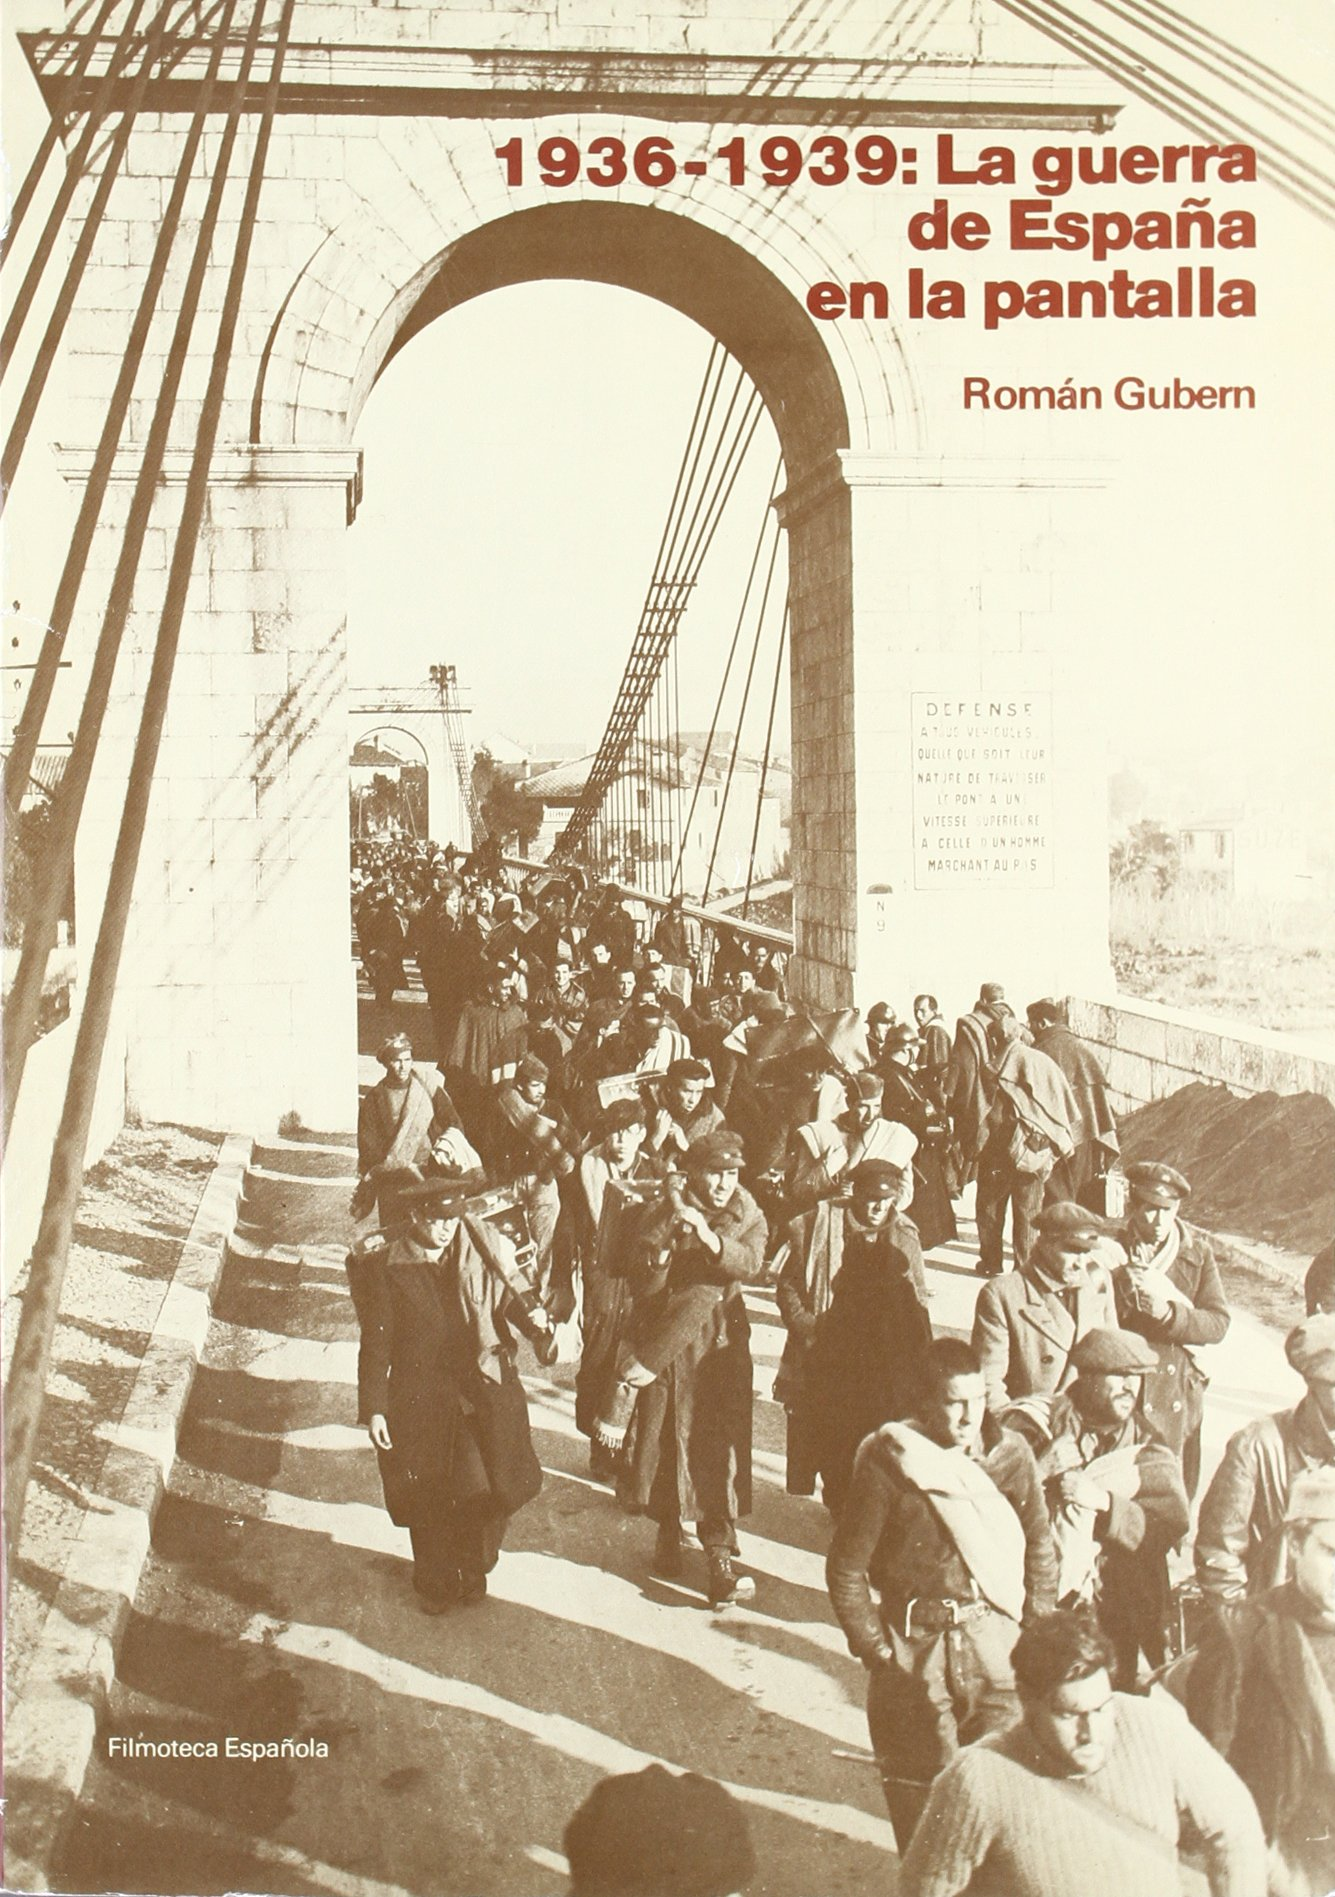 La guerra de España en la pantalla: 1936-1939. De la propaganda a la historia: Amazon.es: Gubern, Román: Libros